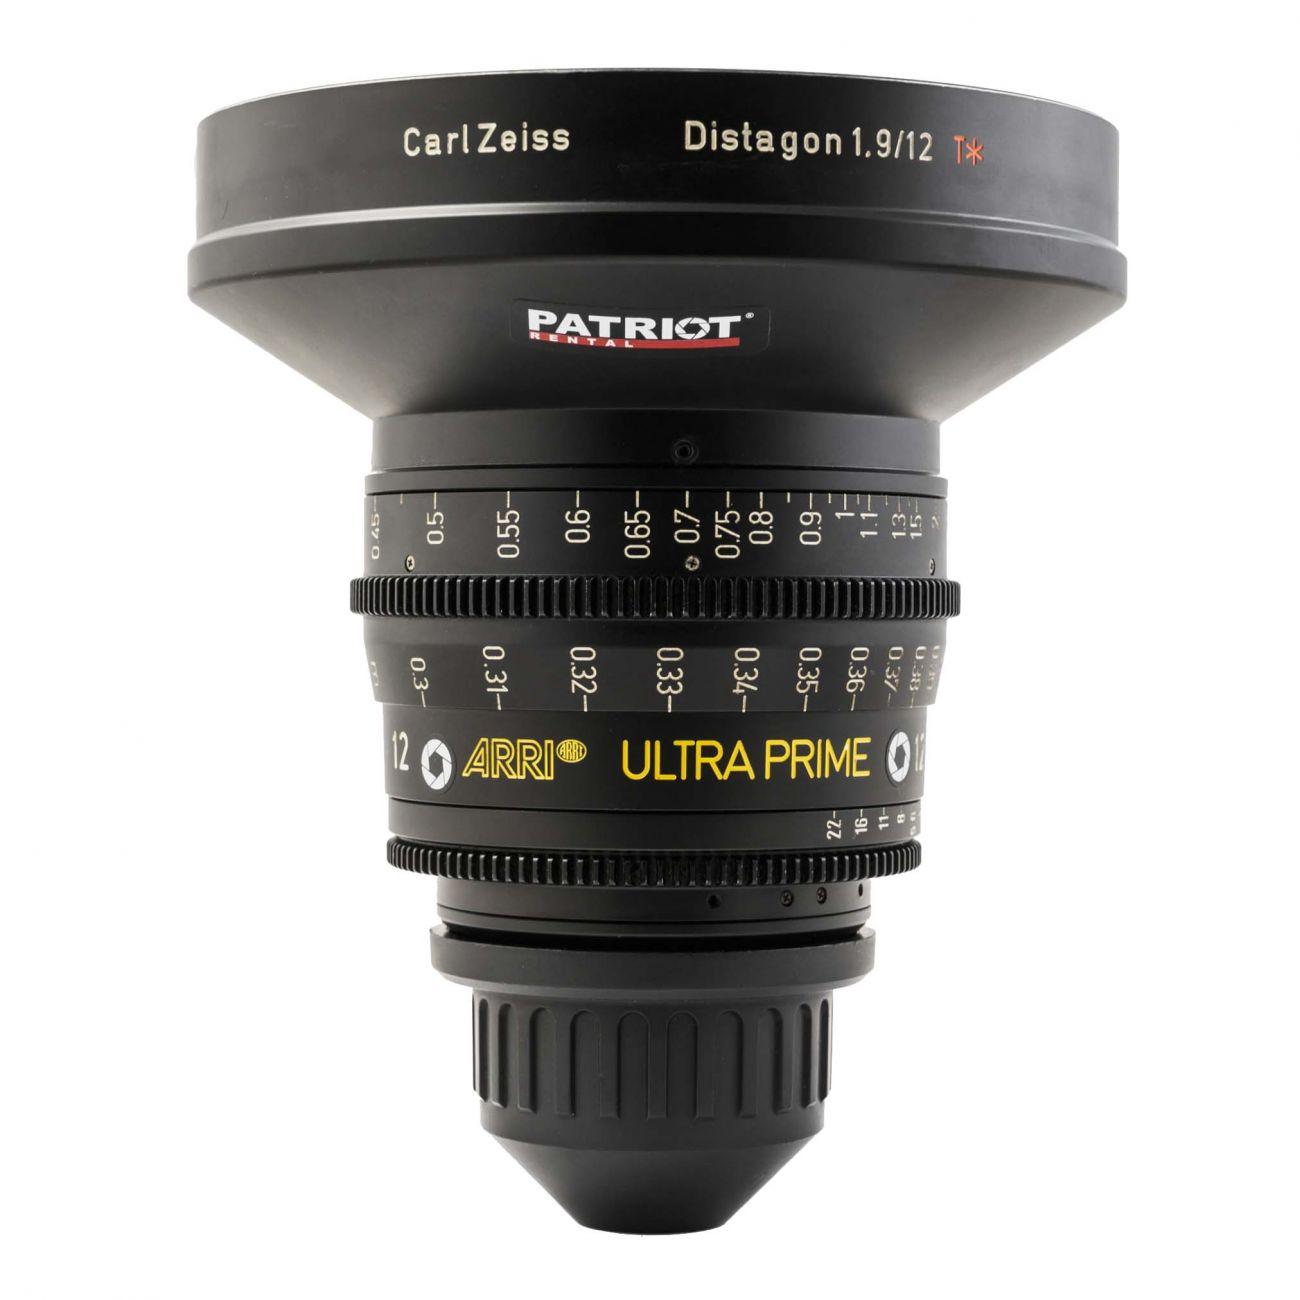 12mm ARRI ULTRA PRIME Lens T1.9